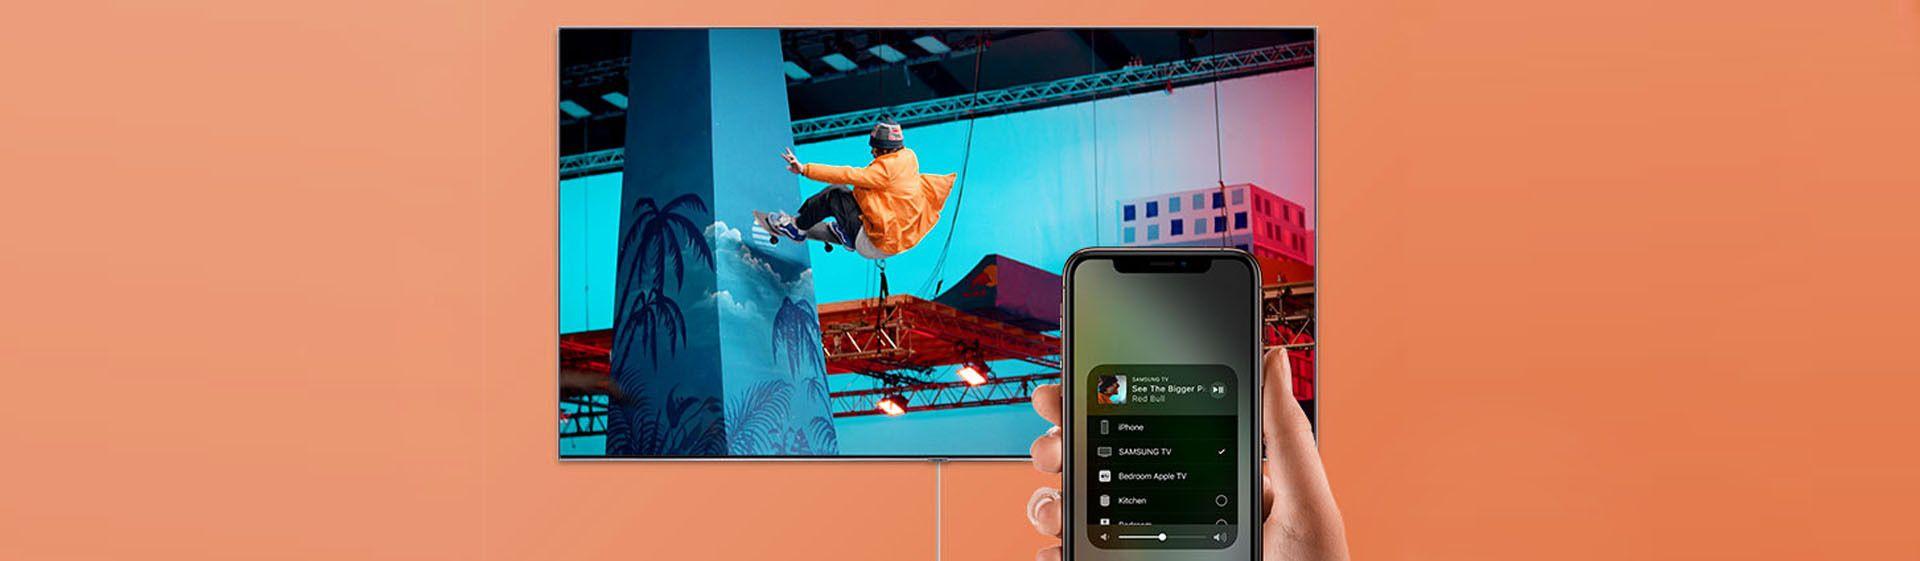 Como conectar o celular na TV Samsung?